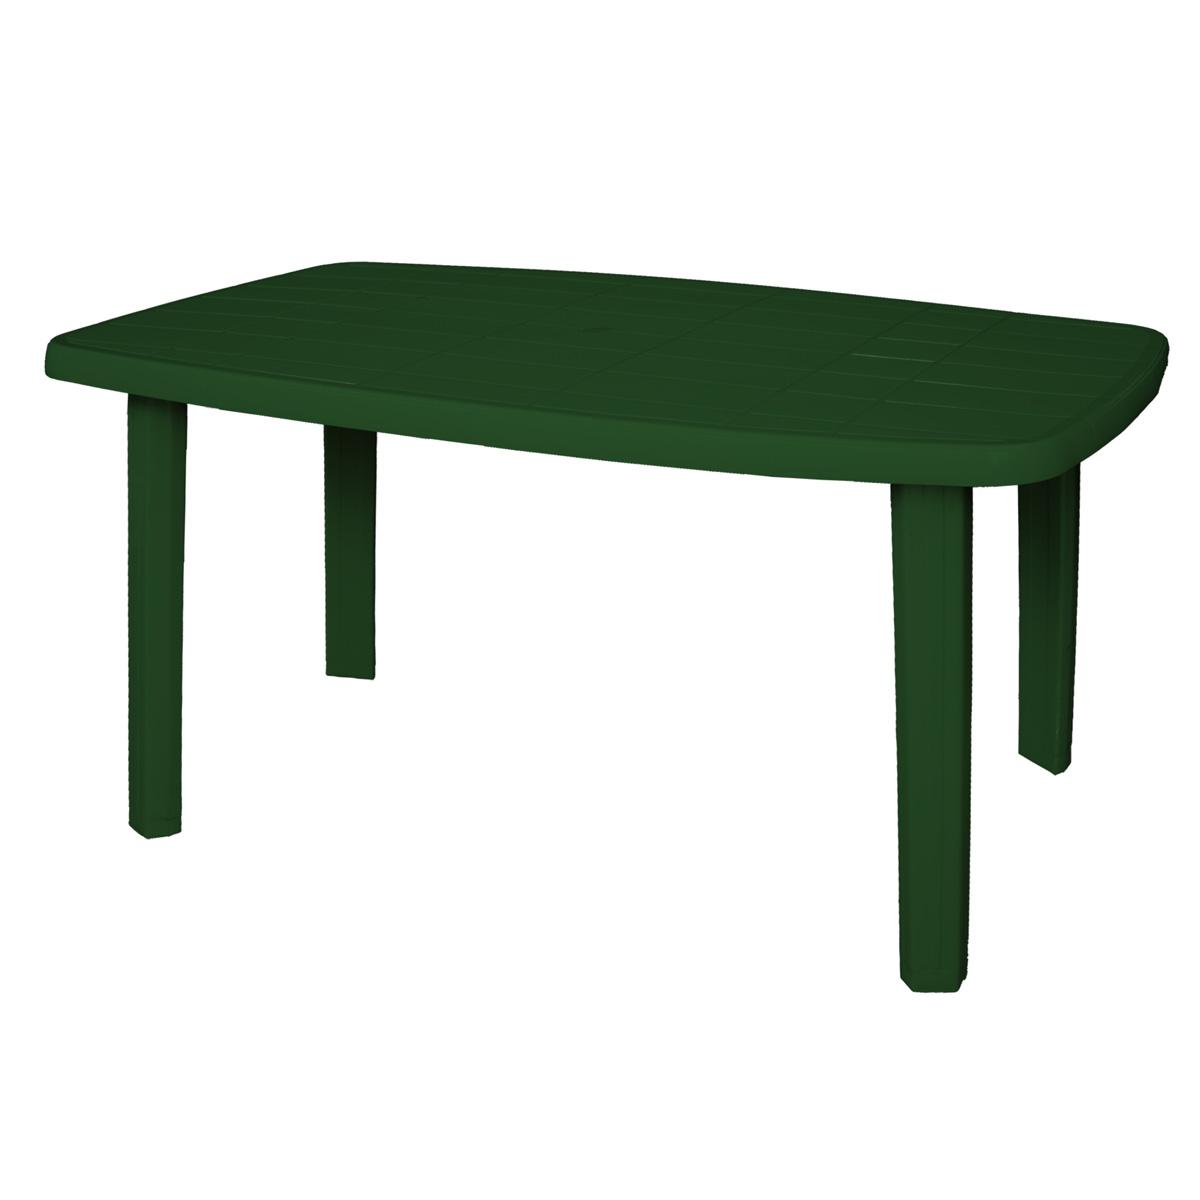 Garden table - LOCACAMP